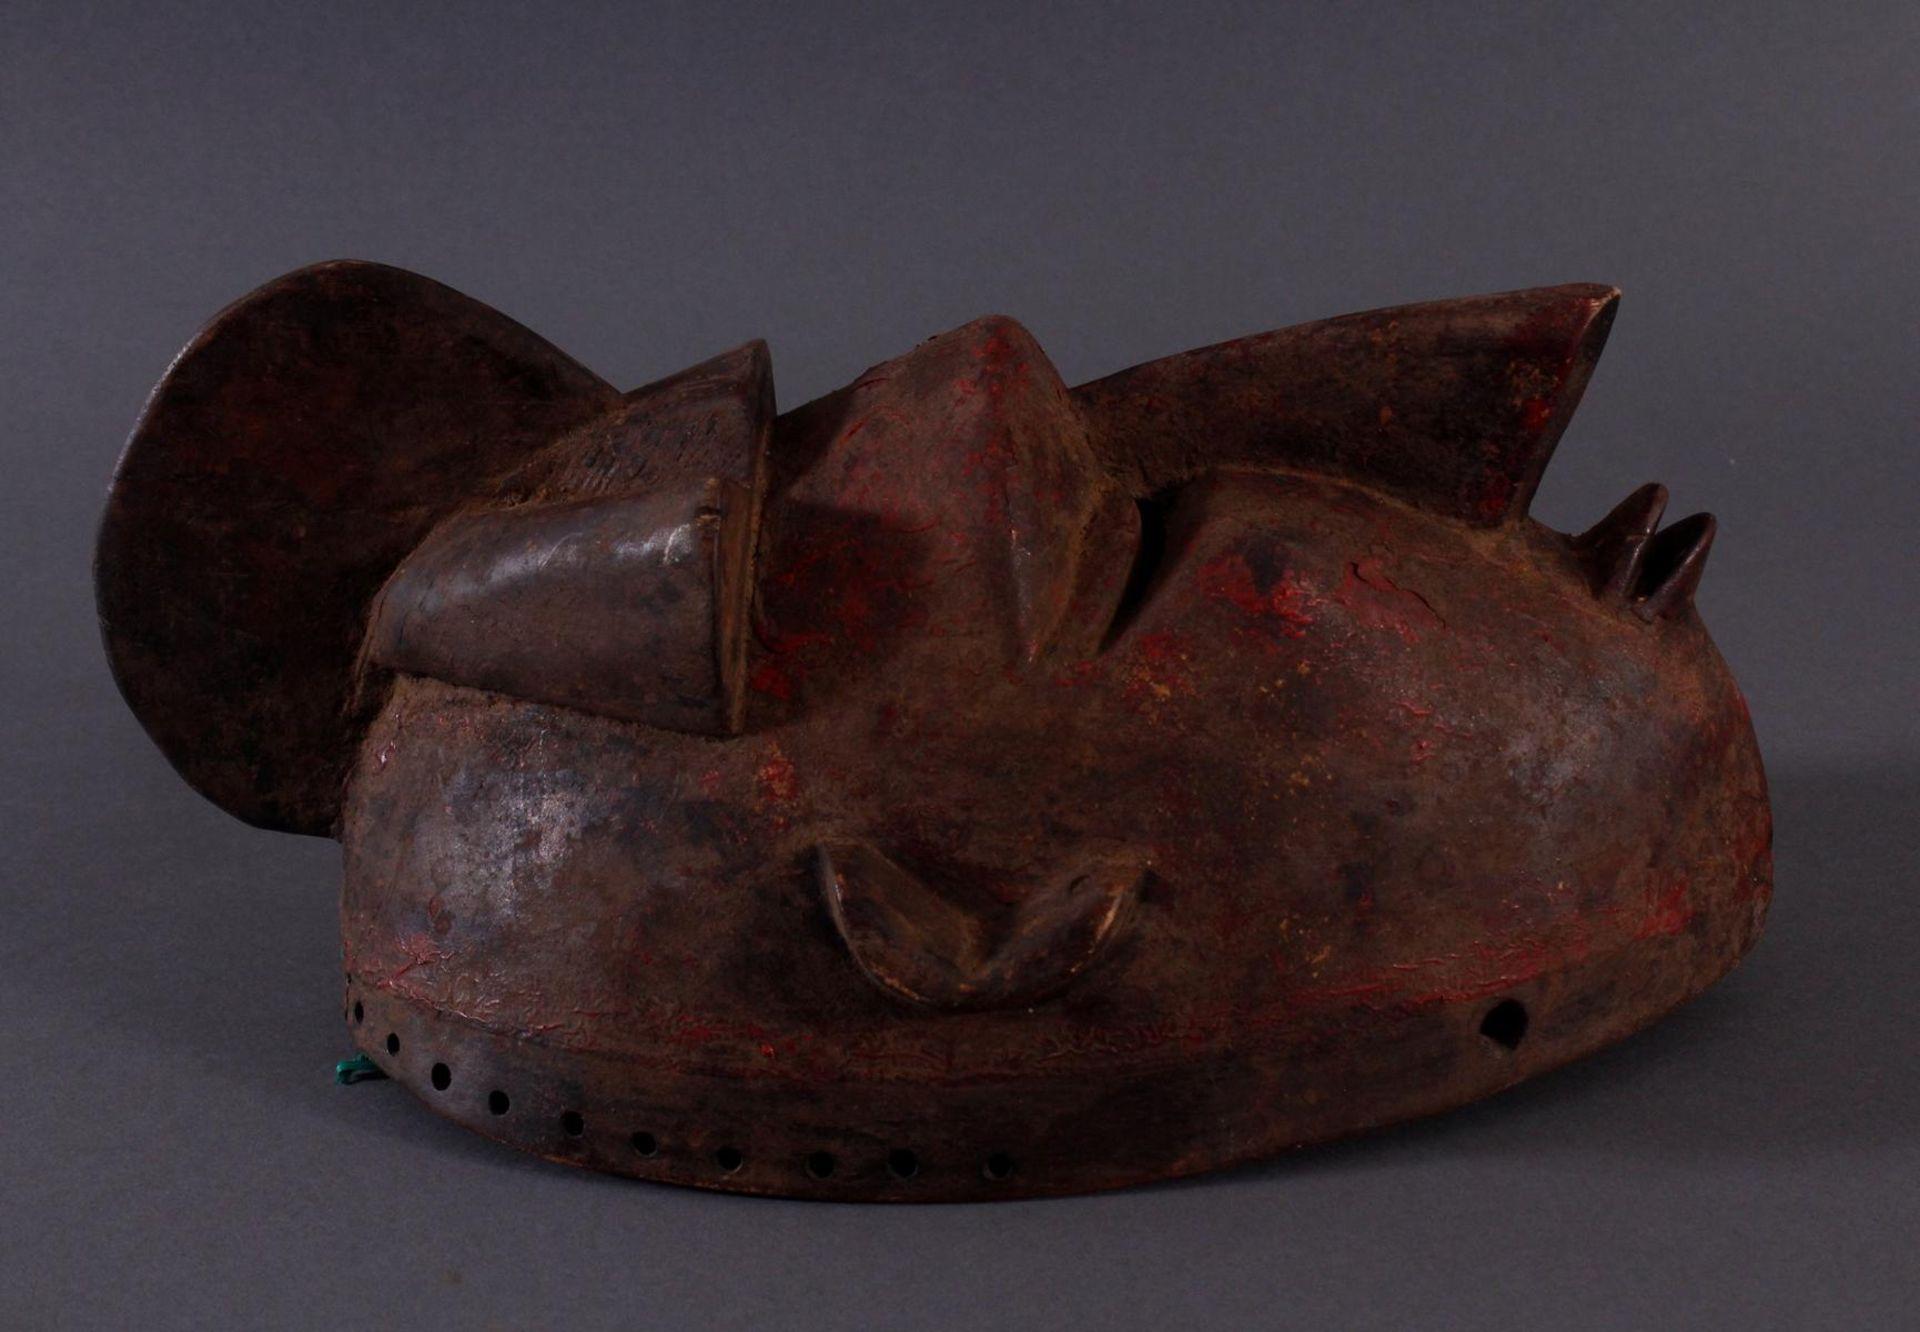 Antike Maske, Baule, Elfenbeinküste 1. Hälfte 20. Jh.Holz geschnitzt,dunkle Patina, Reste von - Bild 2 aus 6